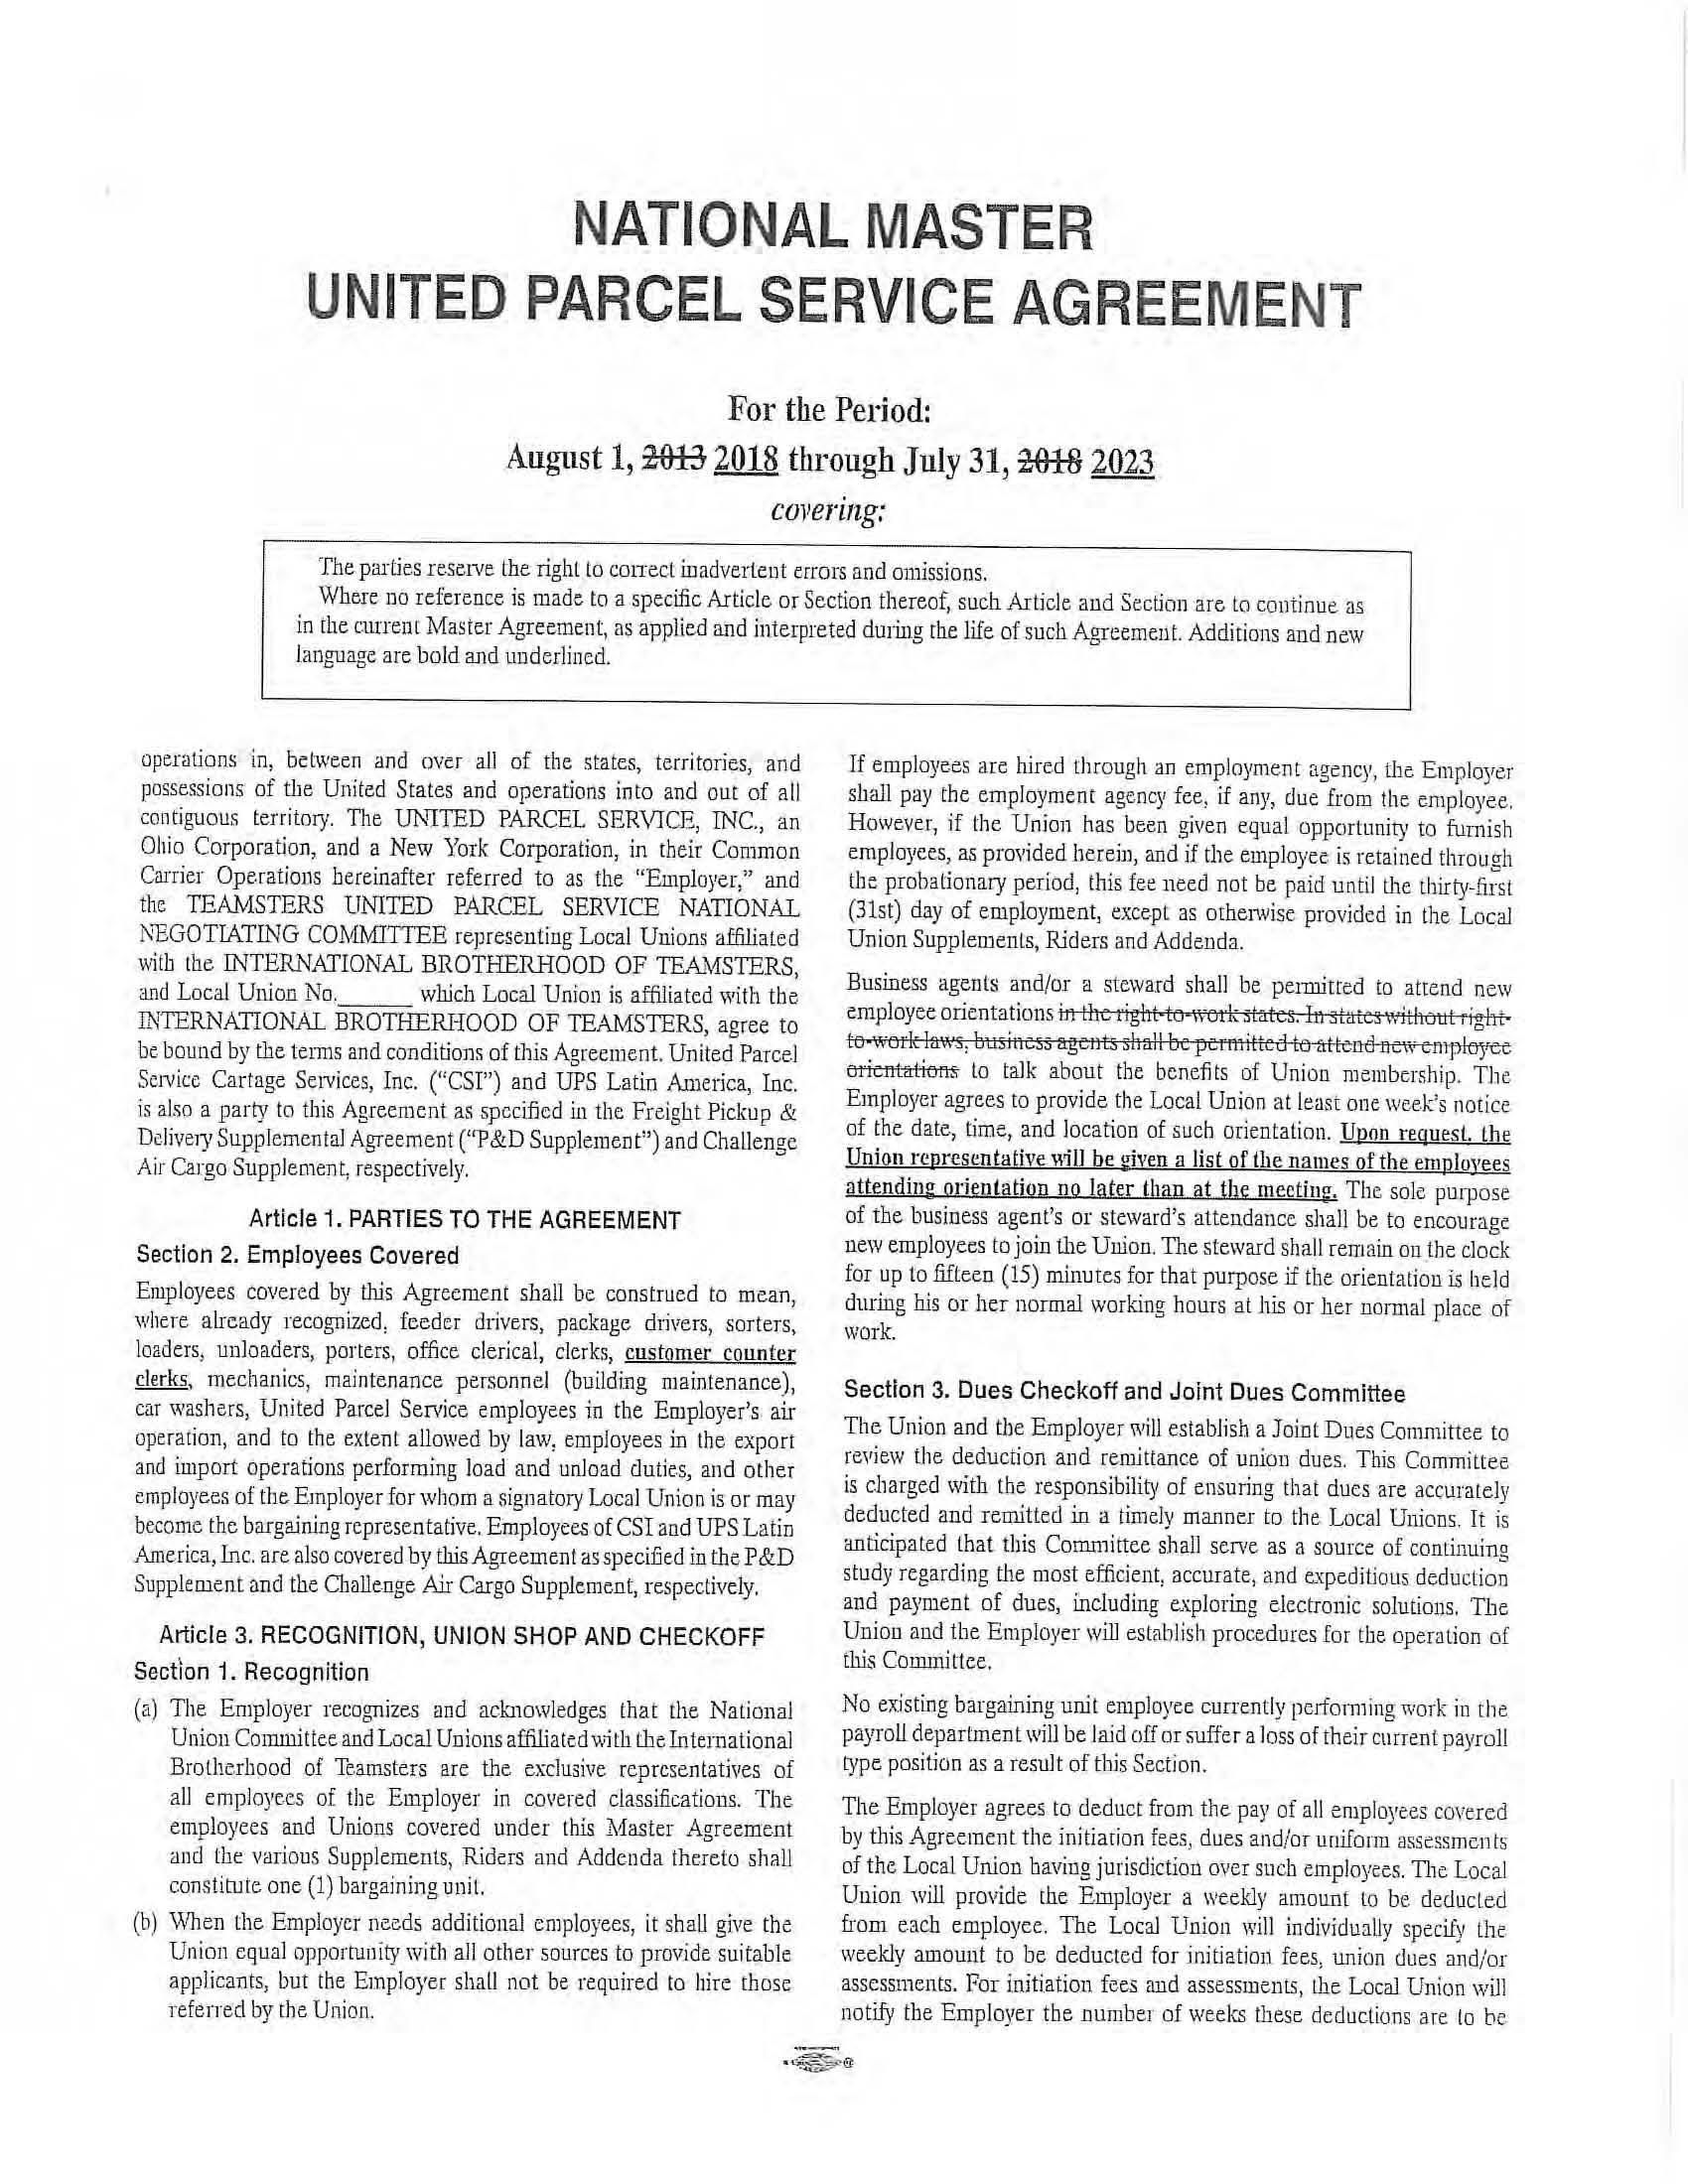 ups-ta-page-1.jpg